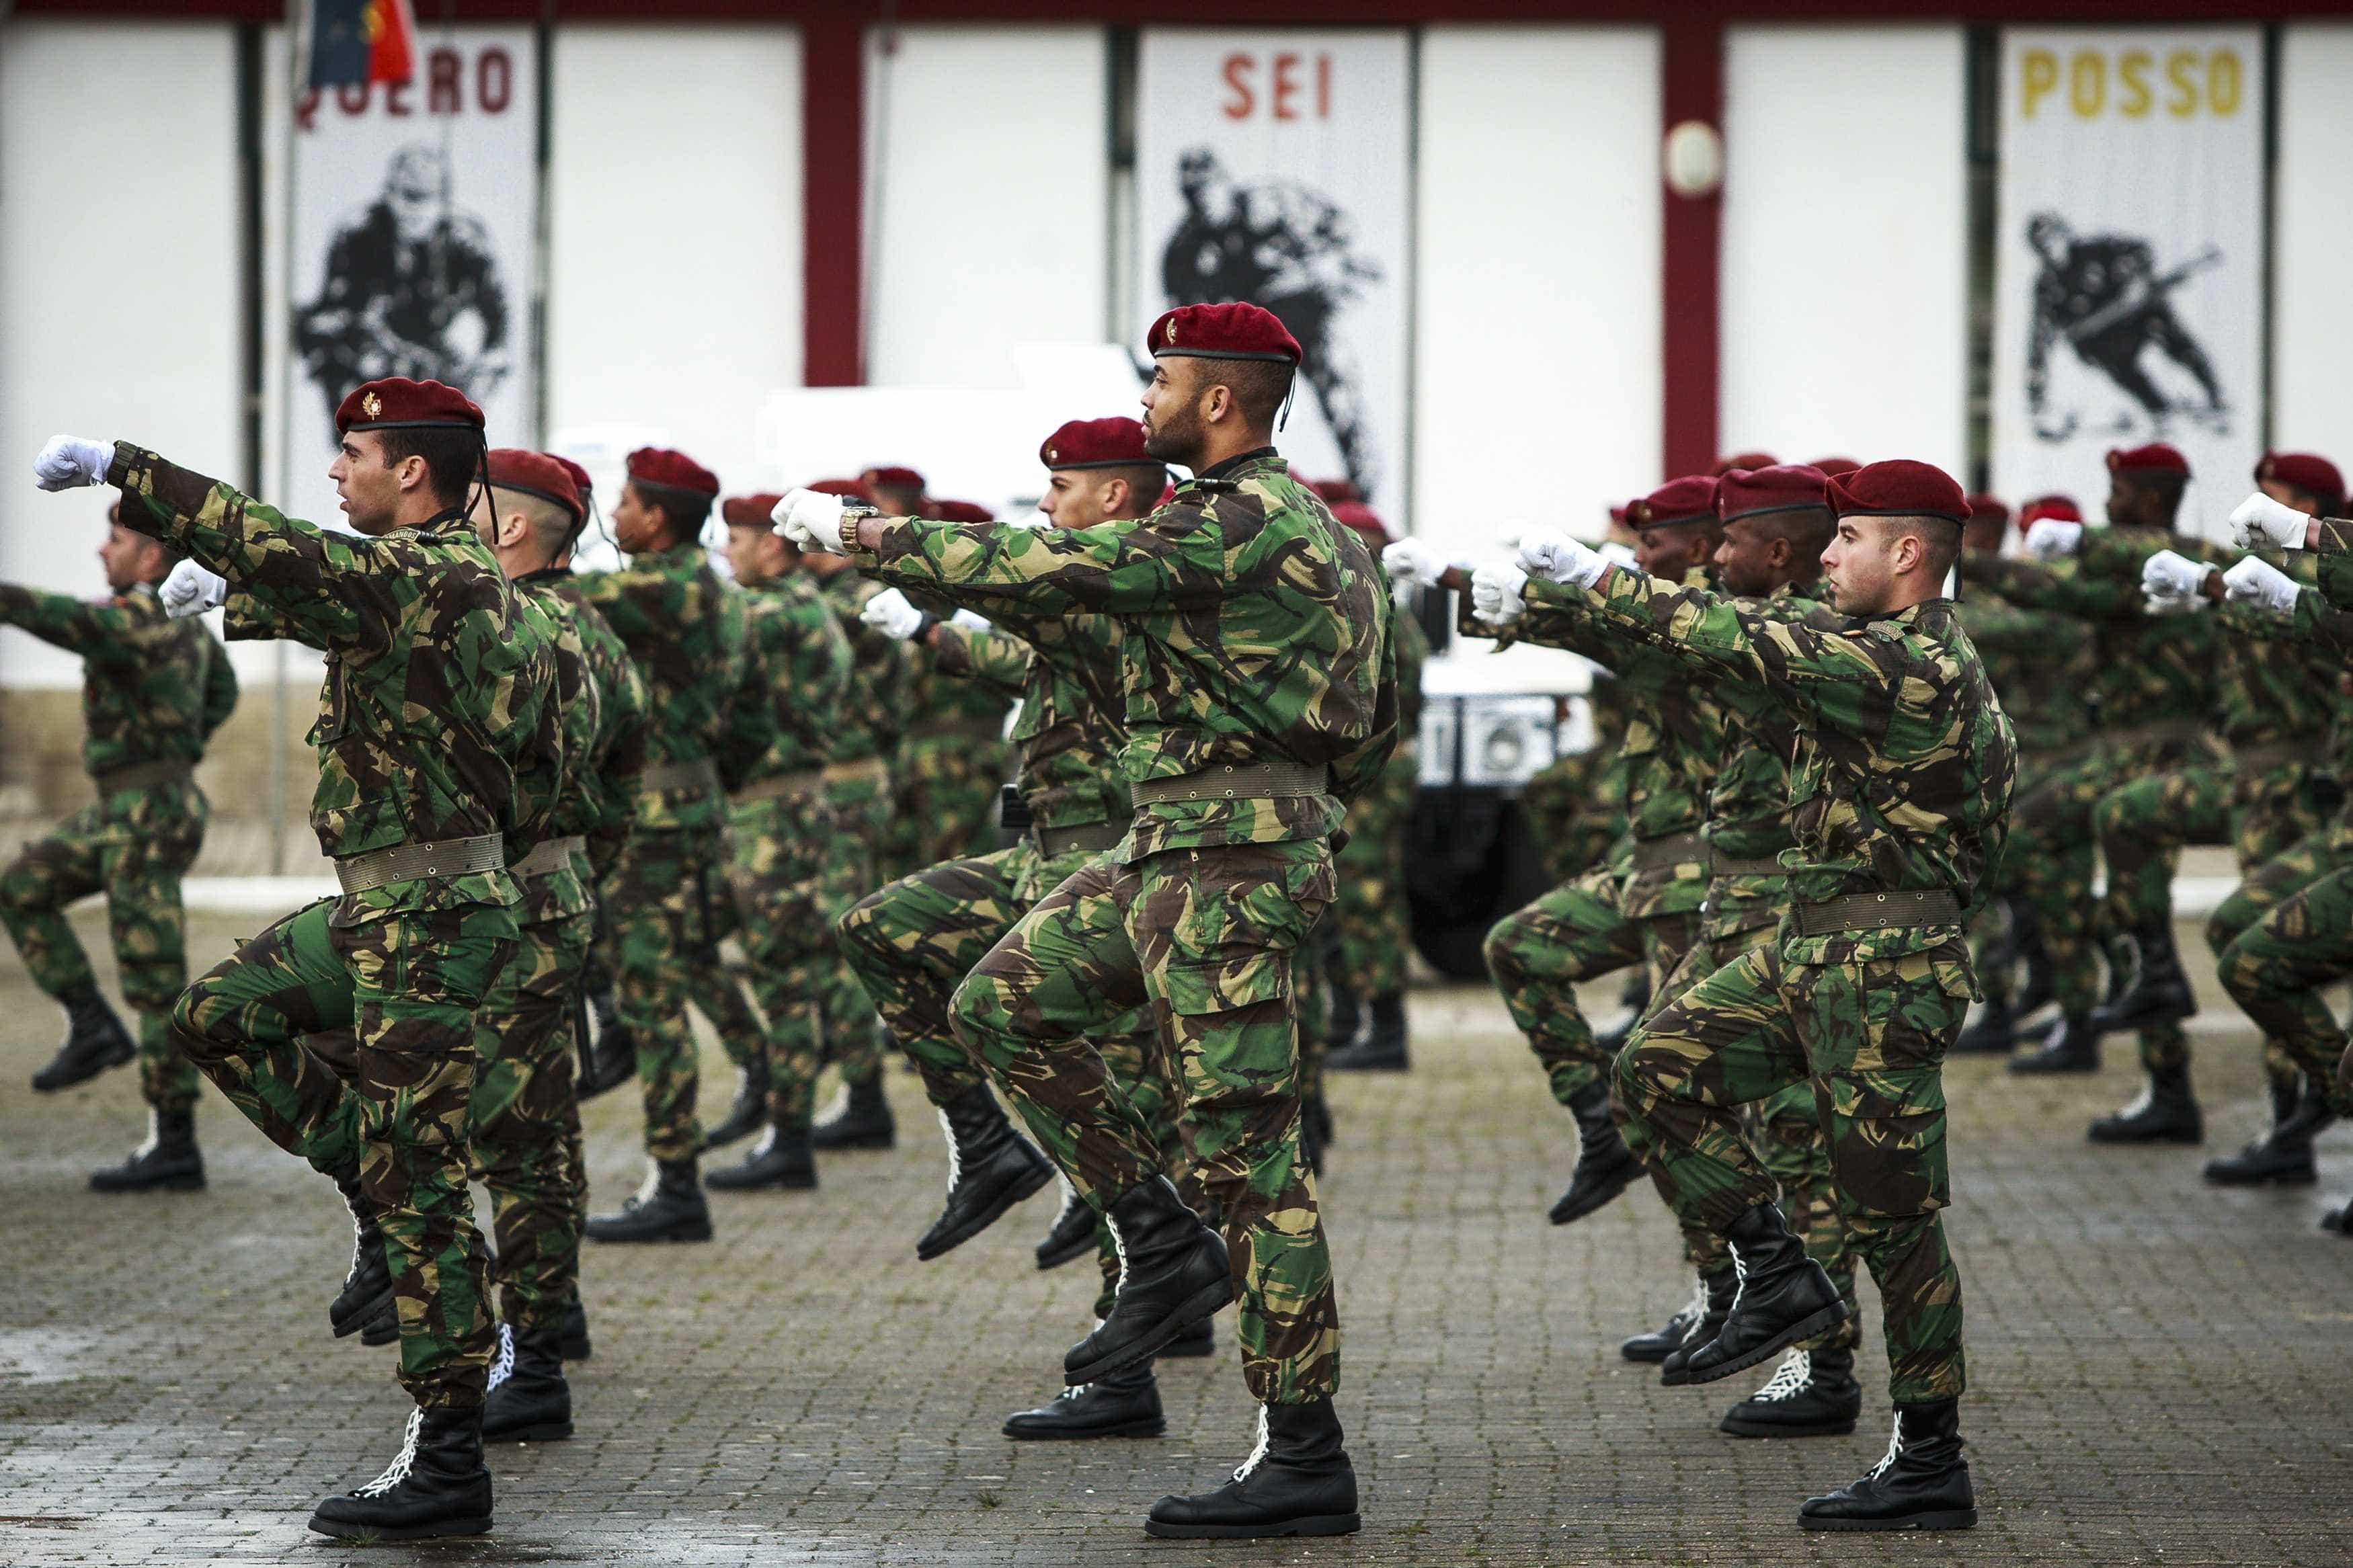 """Comandos: Mãe de recruta que morreu diz que ministro foi """"bruto e frio"""""""